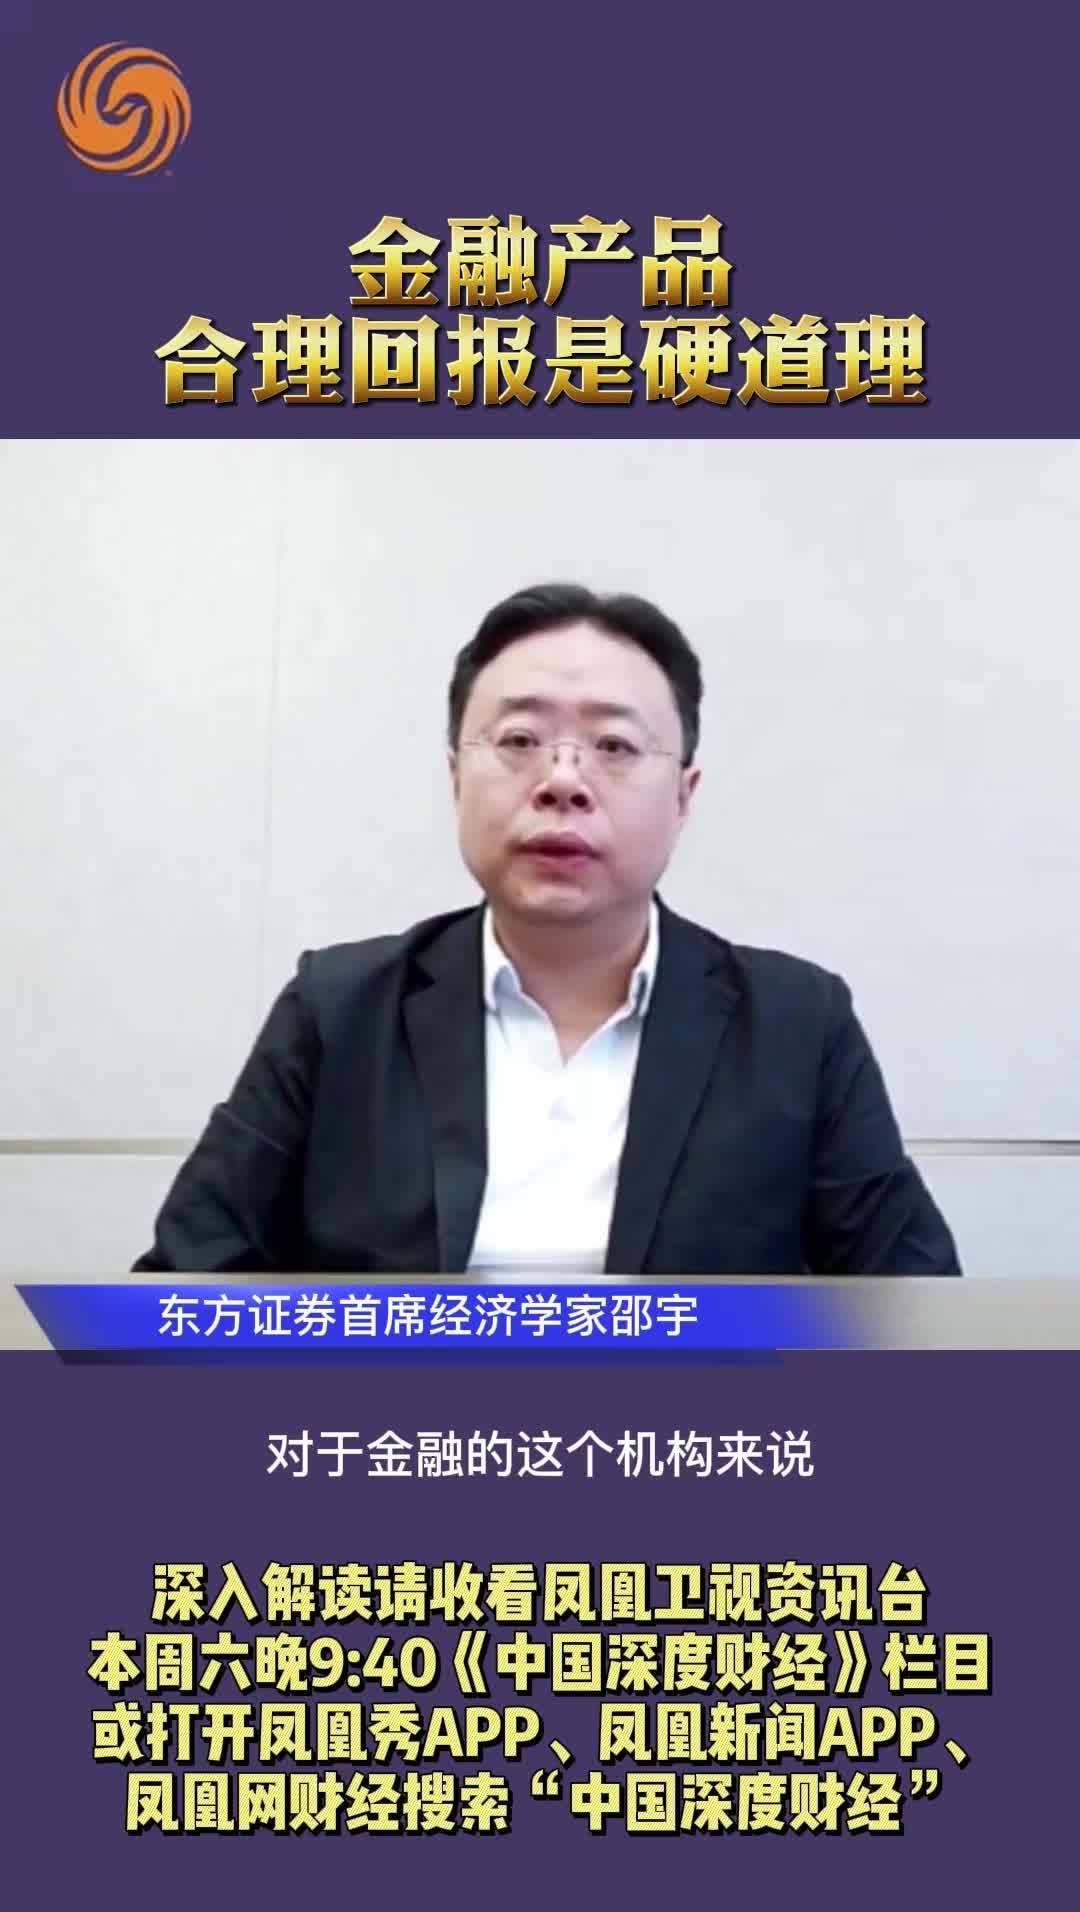 东方证券首席经济学家邵宇:金融产品有合理回报是硬道理